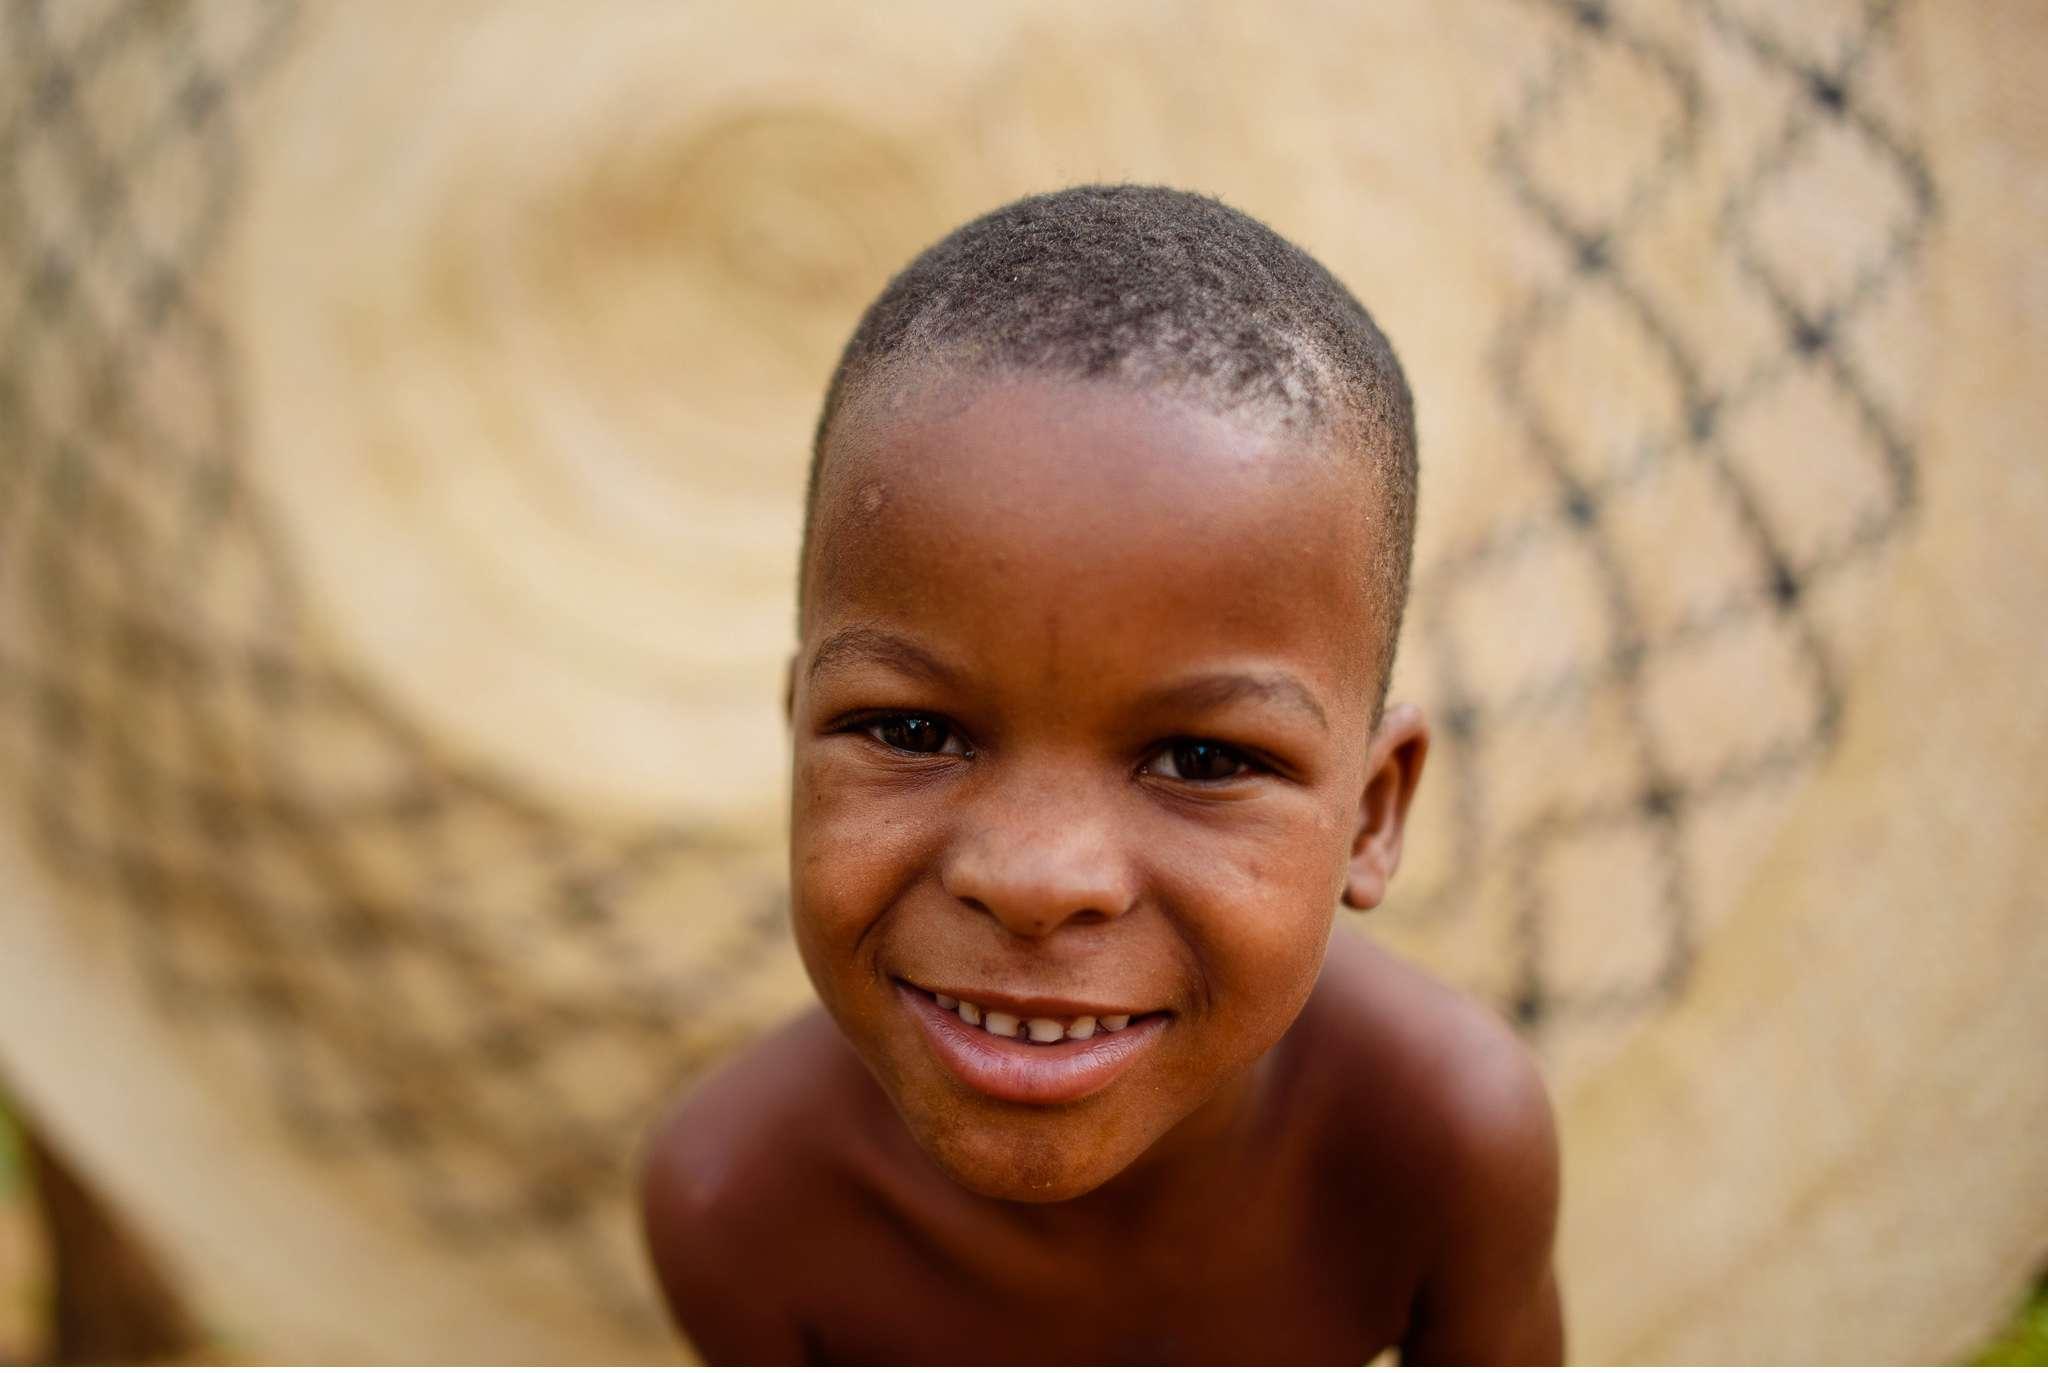 Malawi-Quer durch Afrika- Geschichten von unterwegs by Marion and Daniel-21